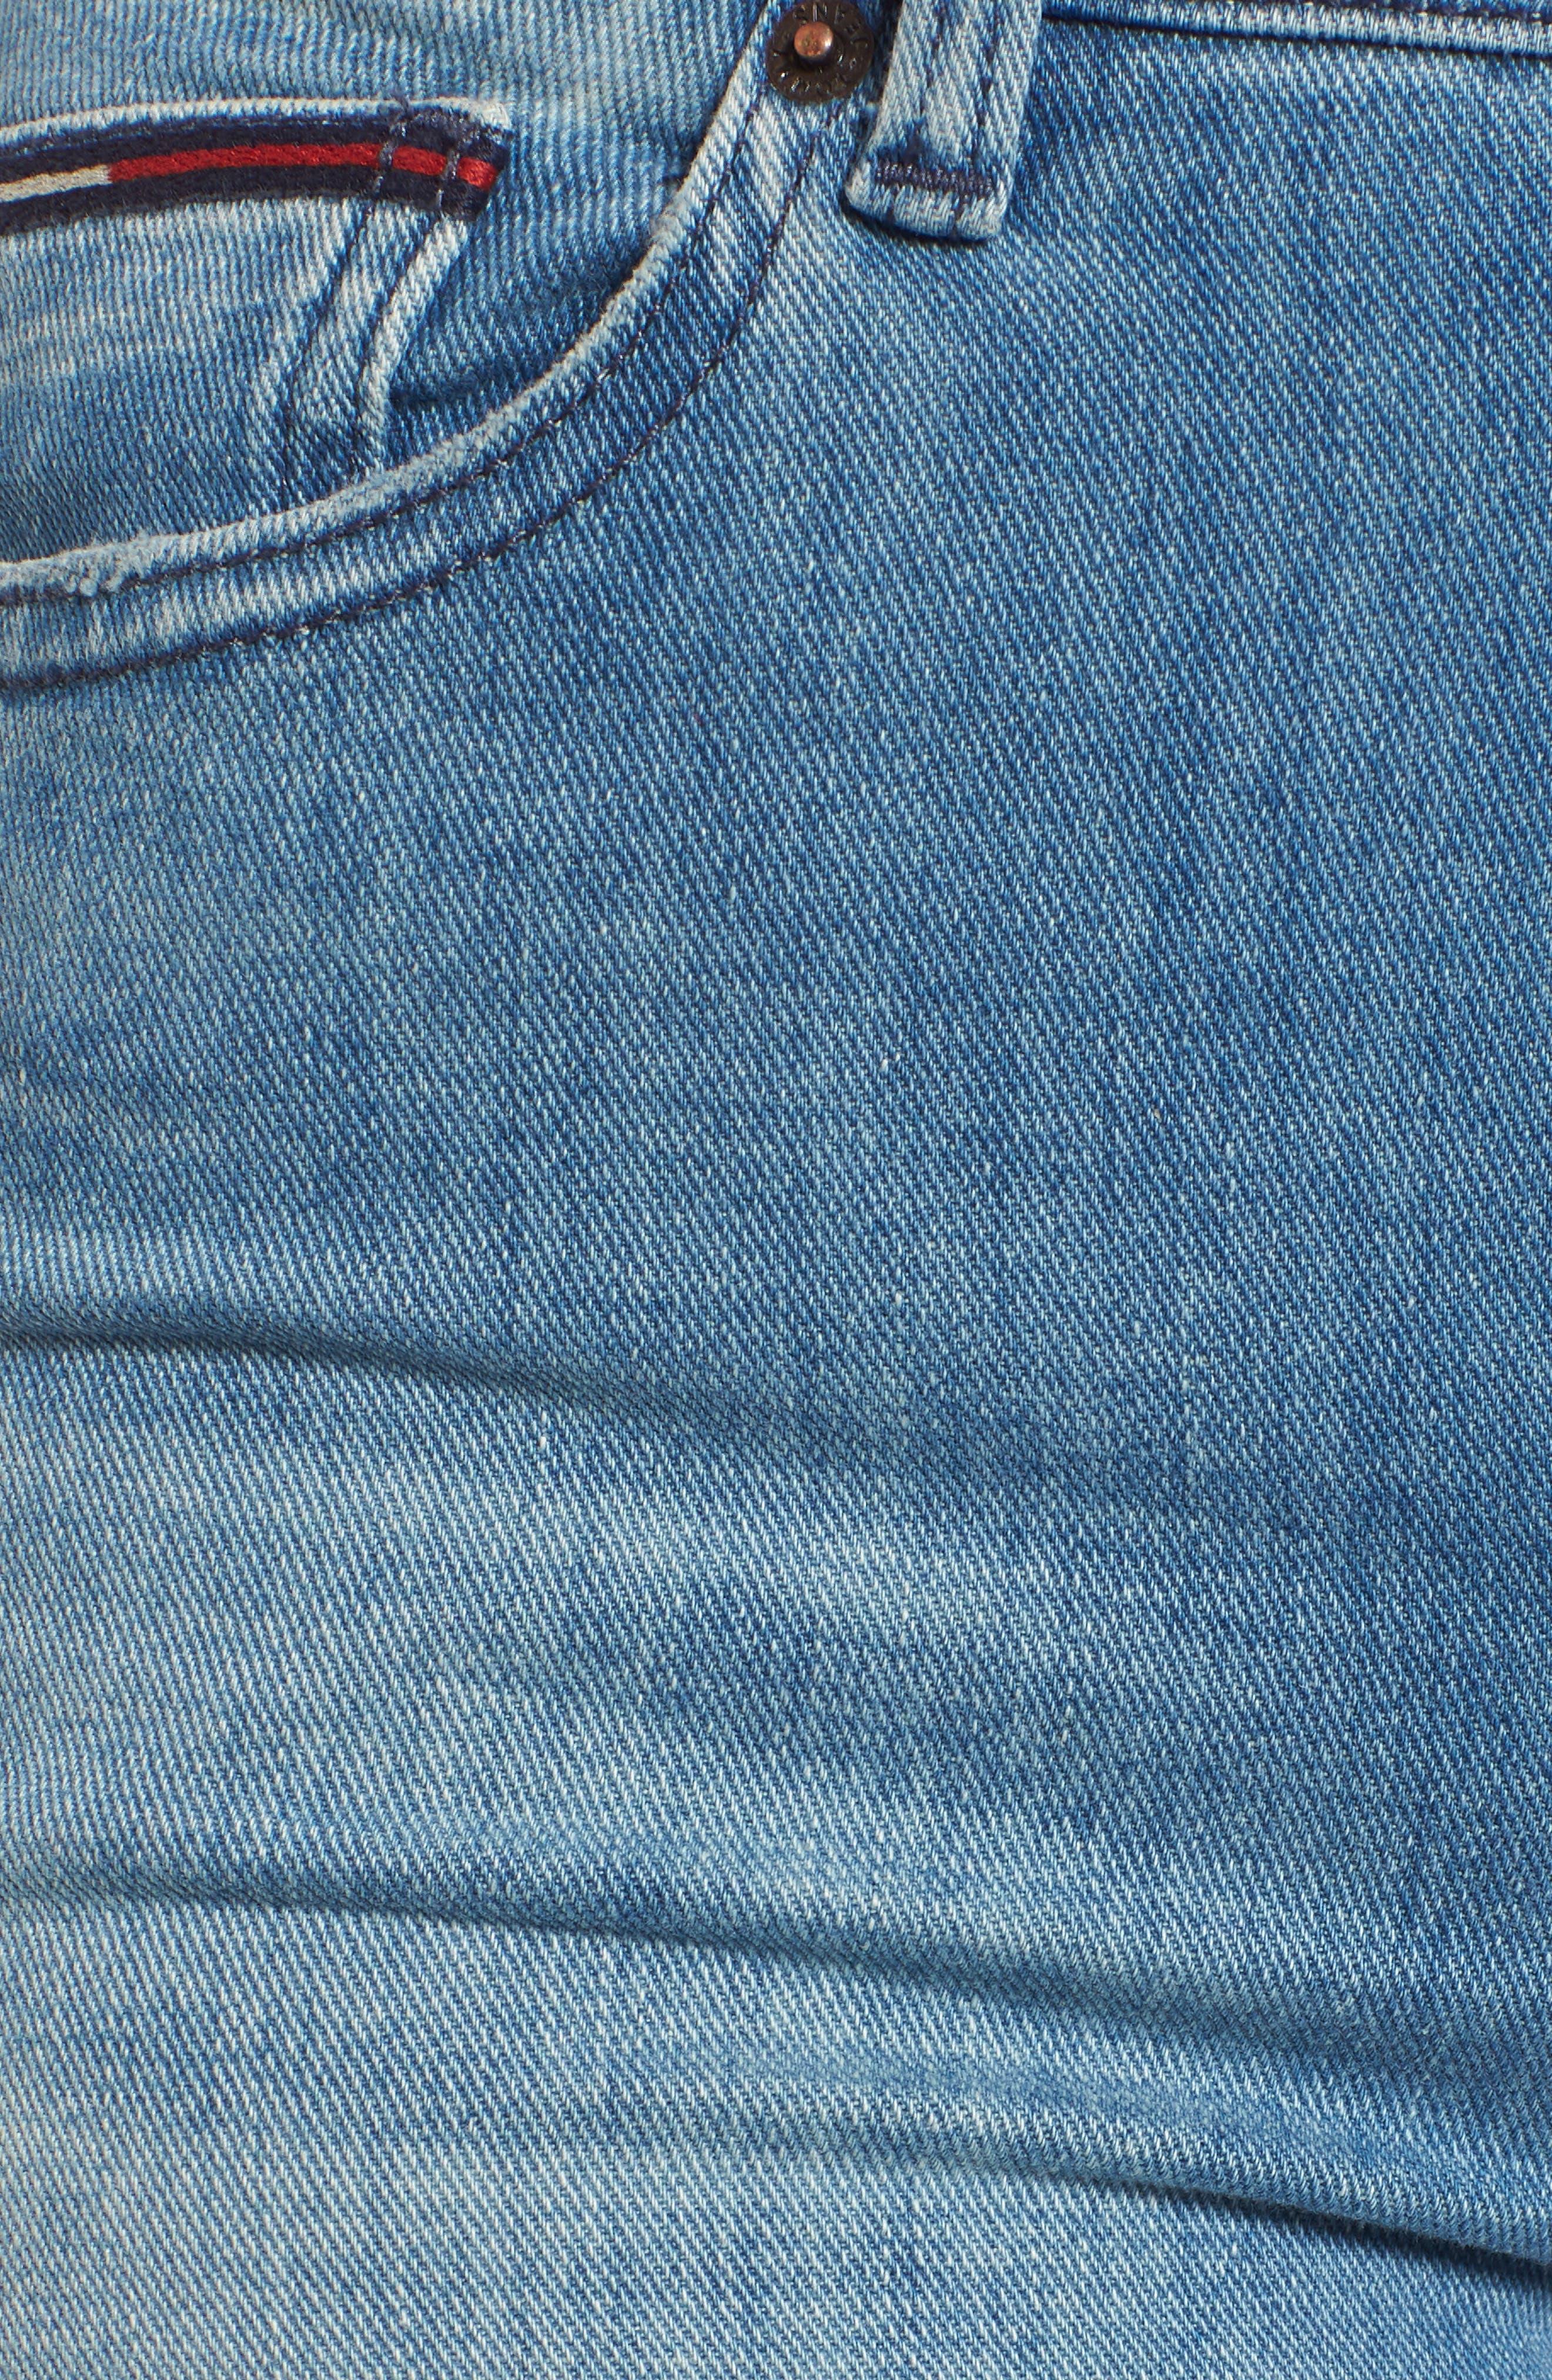 Izzy High Waist Slim Leg Jeans,                             Alternate thumbnail 6, color,                             400